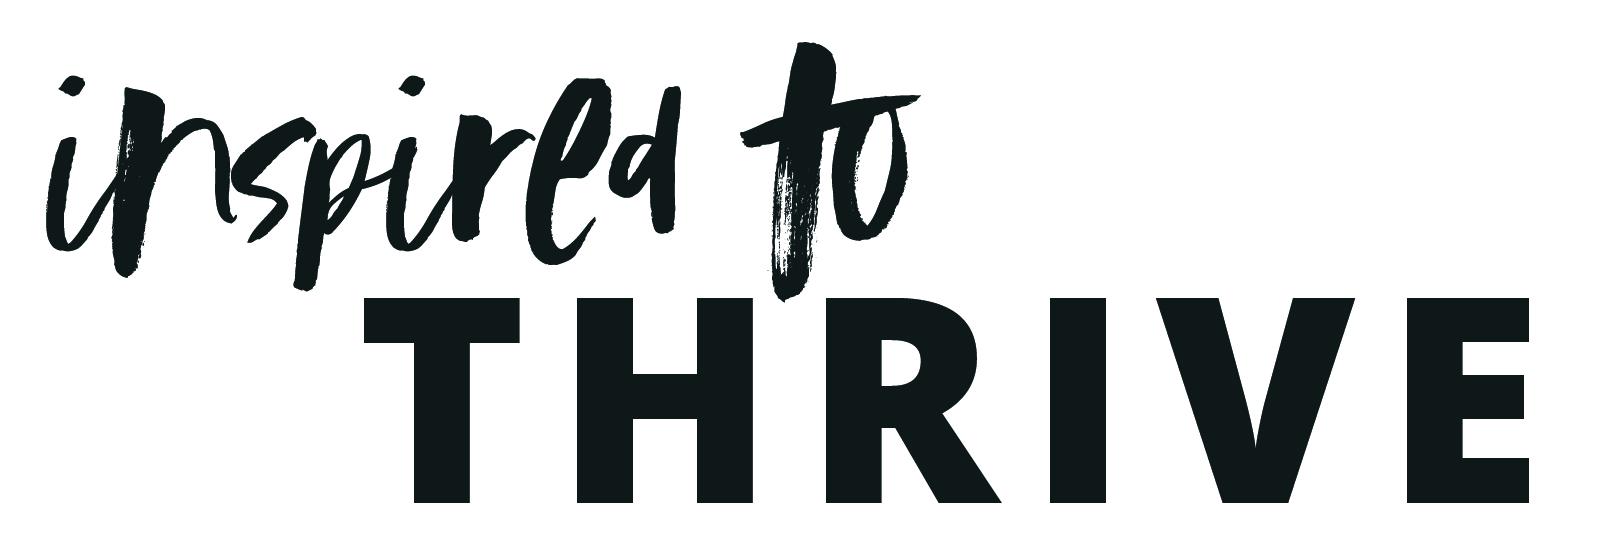 Logo_Inspired_To_Thrive_Sarah_Ehlinger-01.jpg